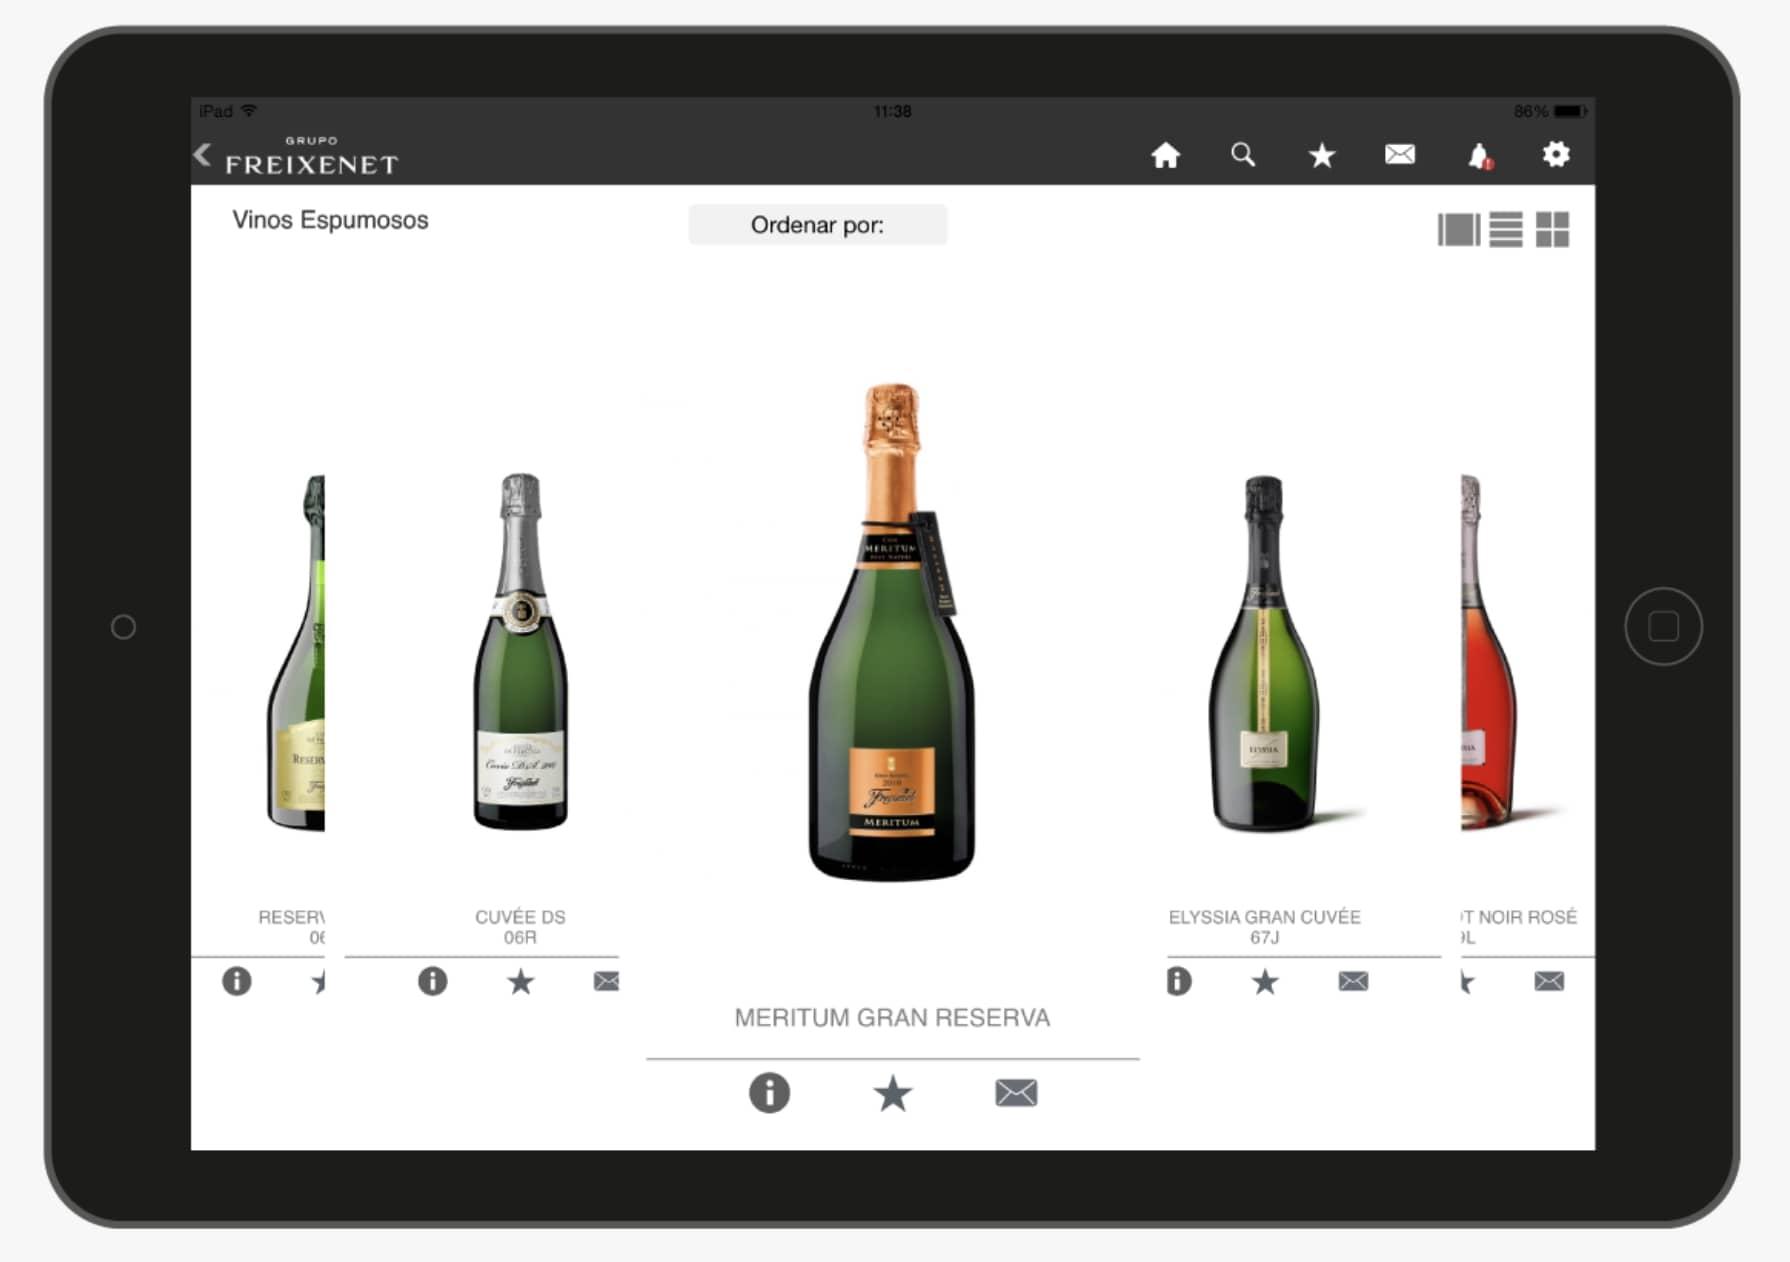 Catálogo comercial digital con productos